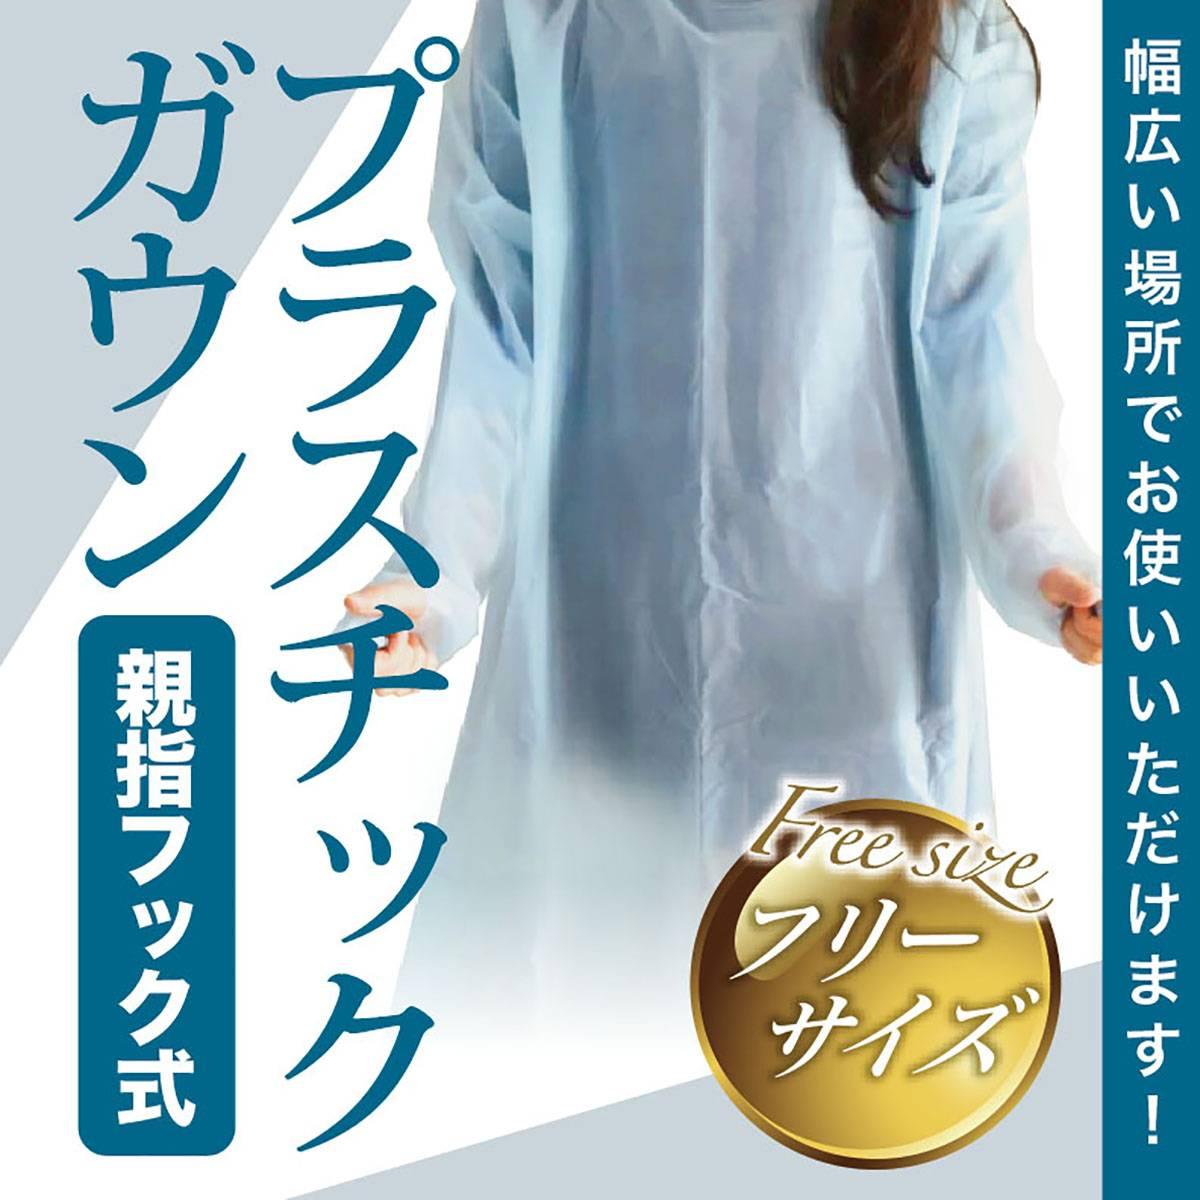 【1枚¥270】プラスチックガウン袖付き(親指フック式)フリーサイズ